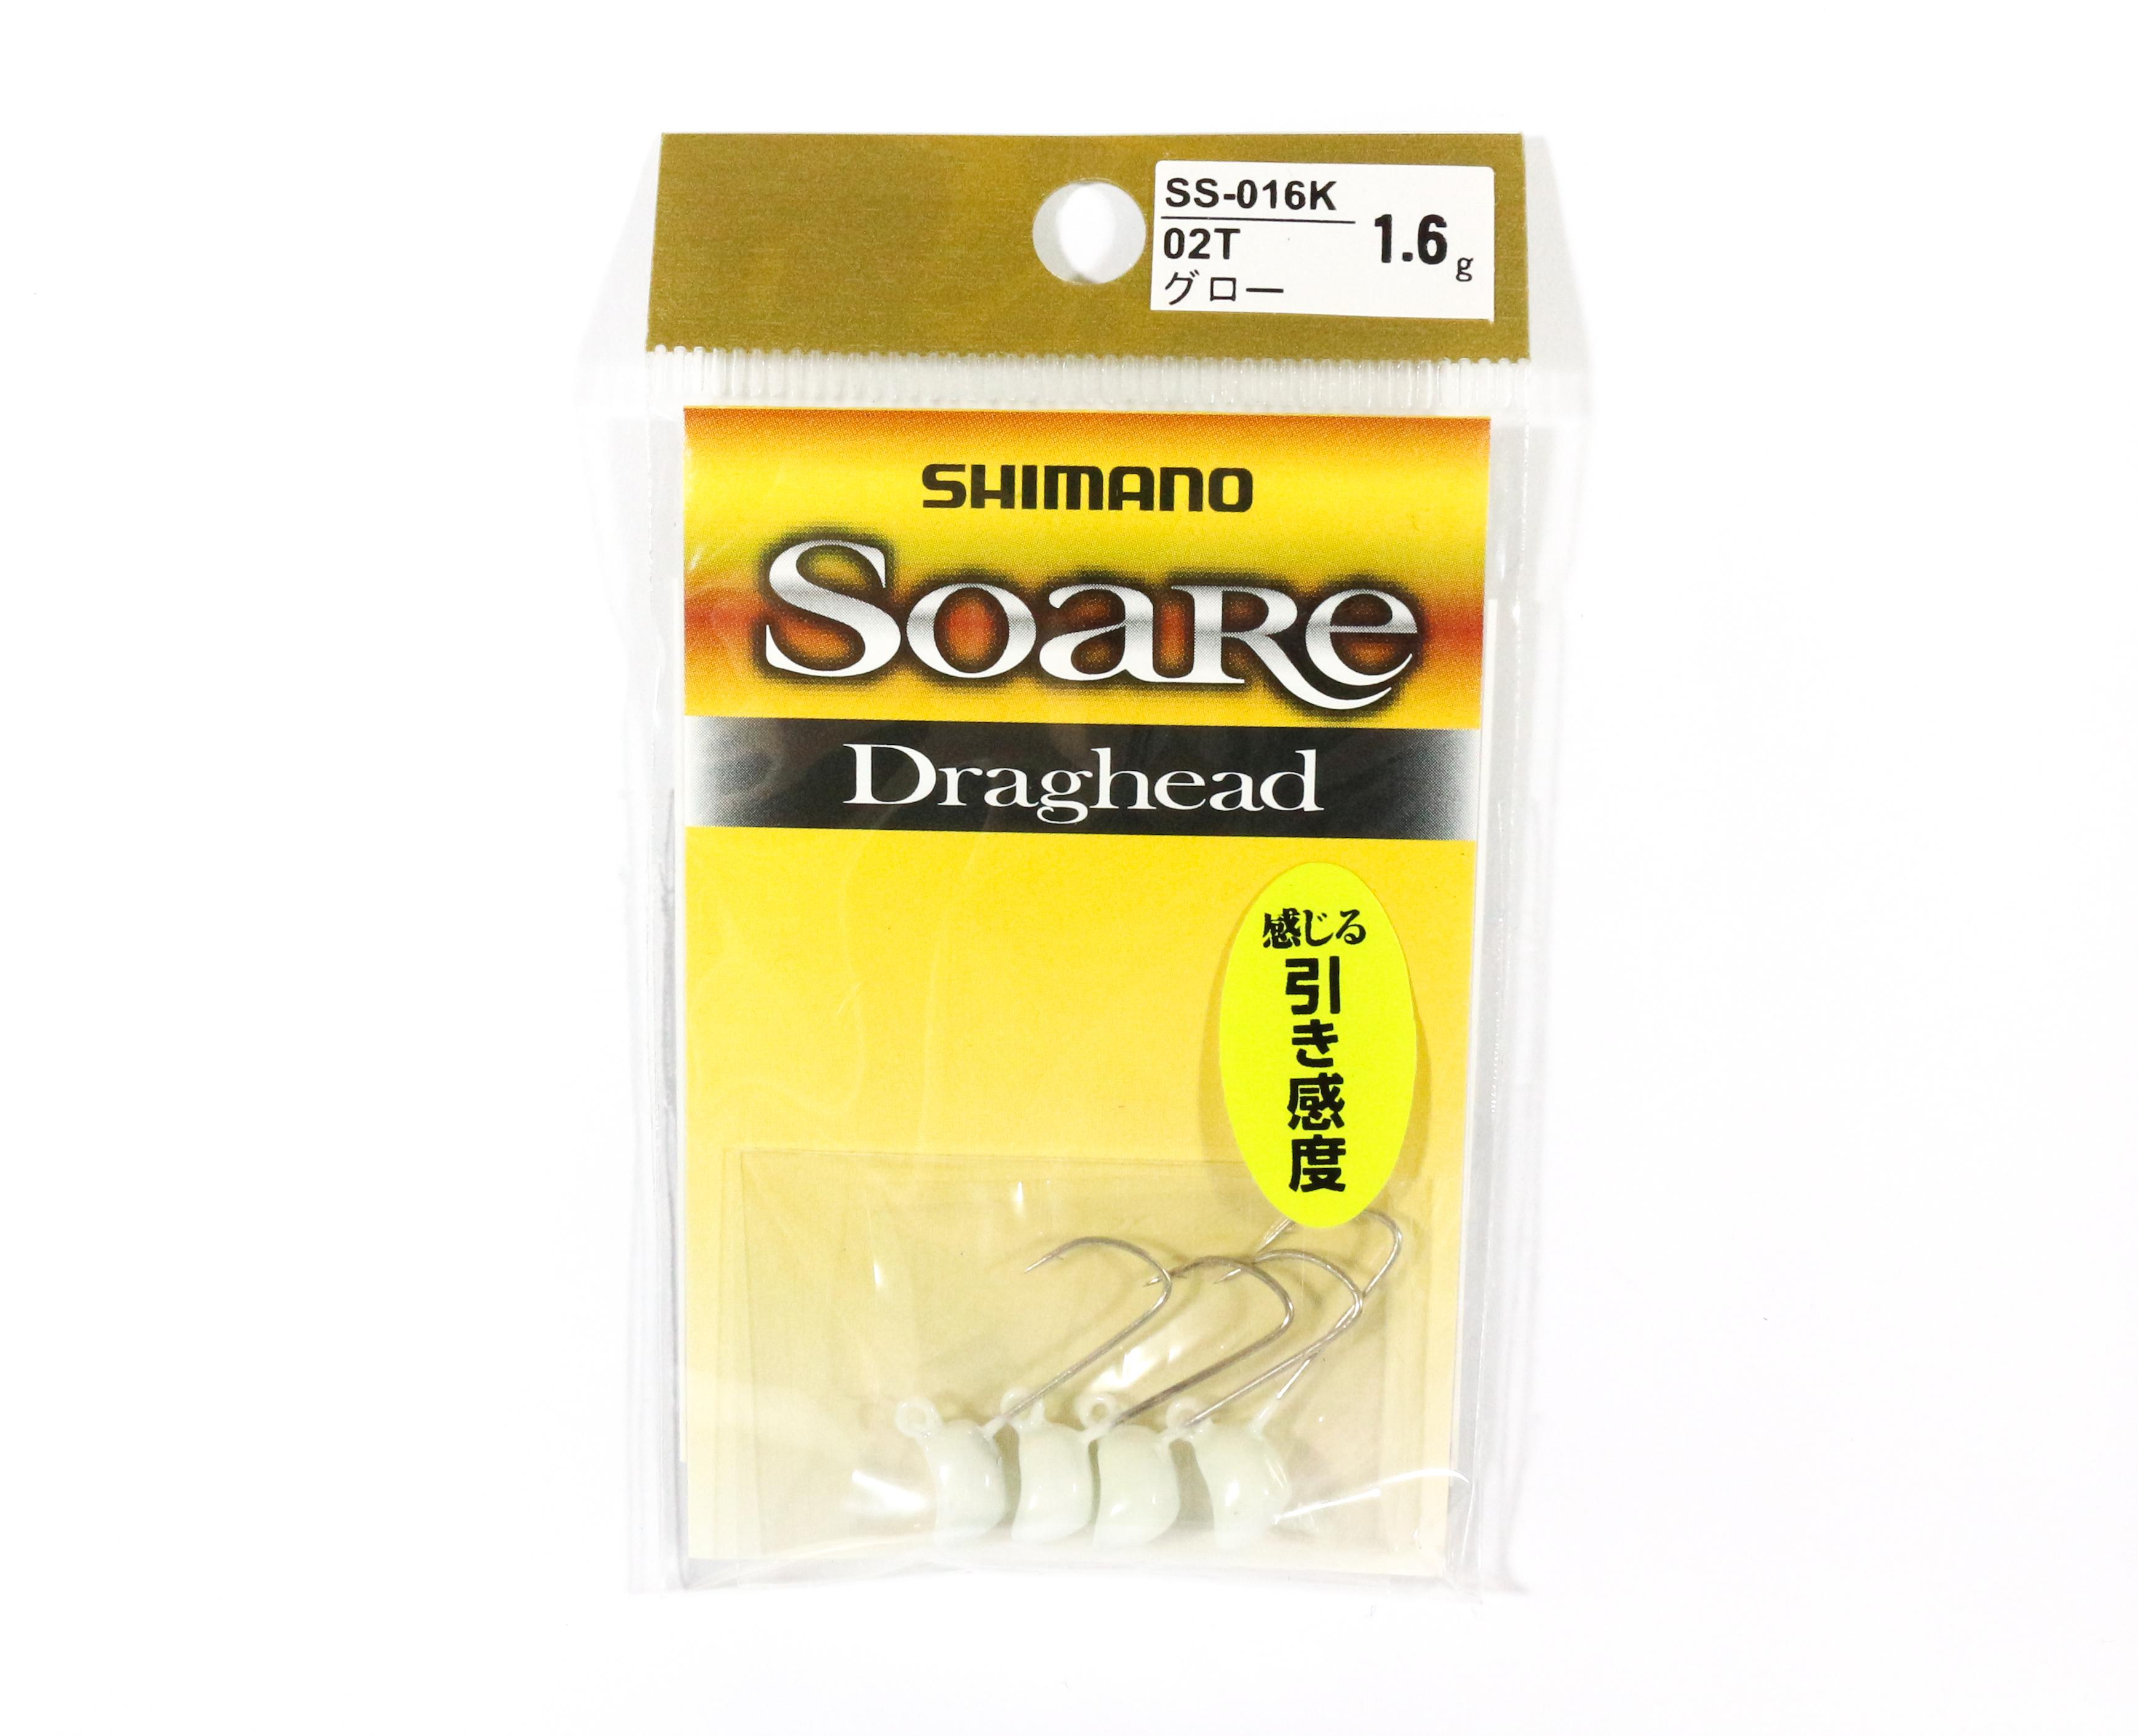 Shimano SS-016K Jig Head Soare Drag Head Glow 1.6 grams 02T 762924